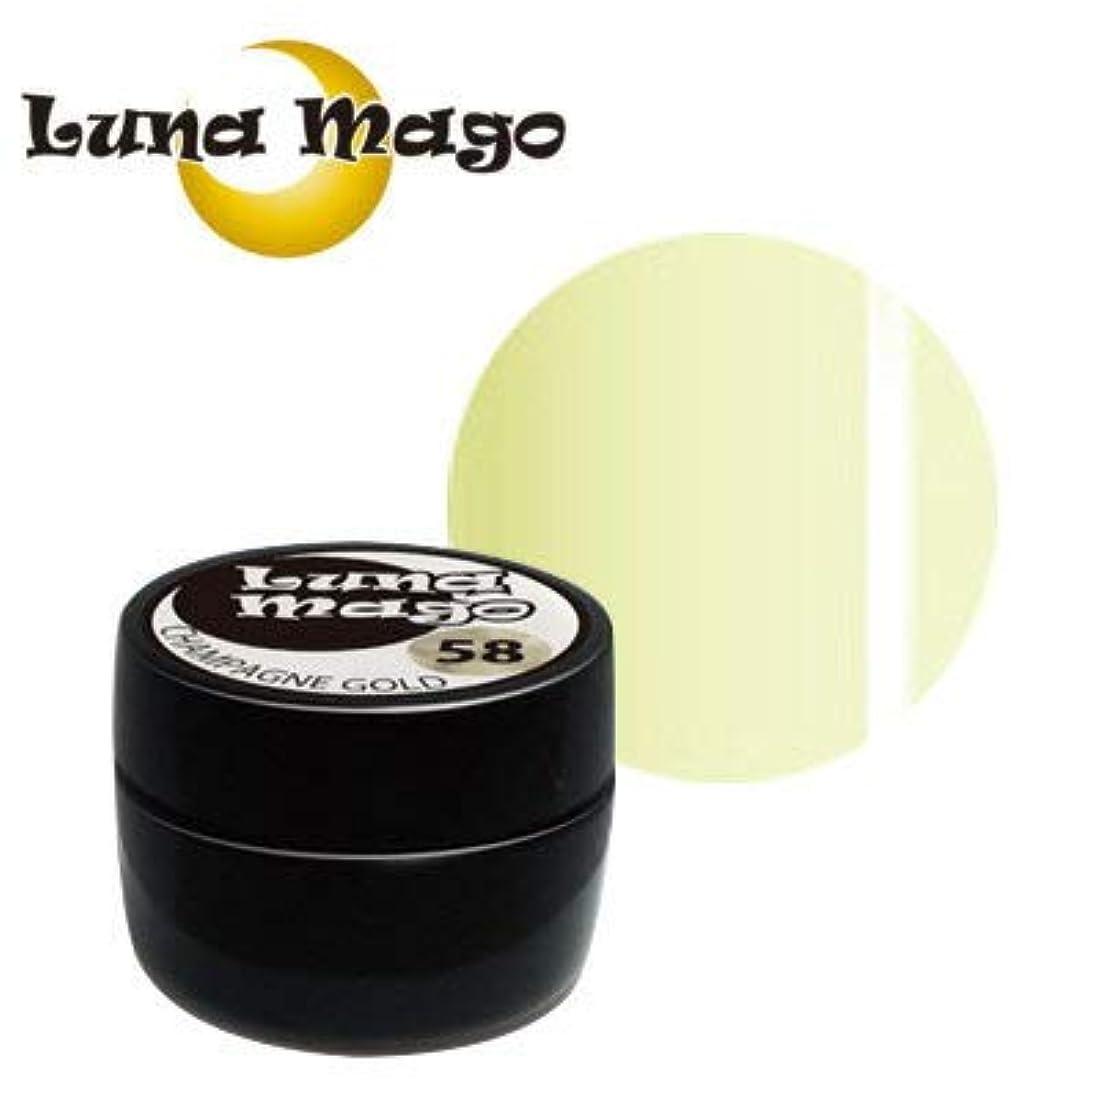 雨の文明化買収Luna Mago カラージェル 5g 004 クリーム